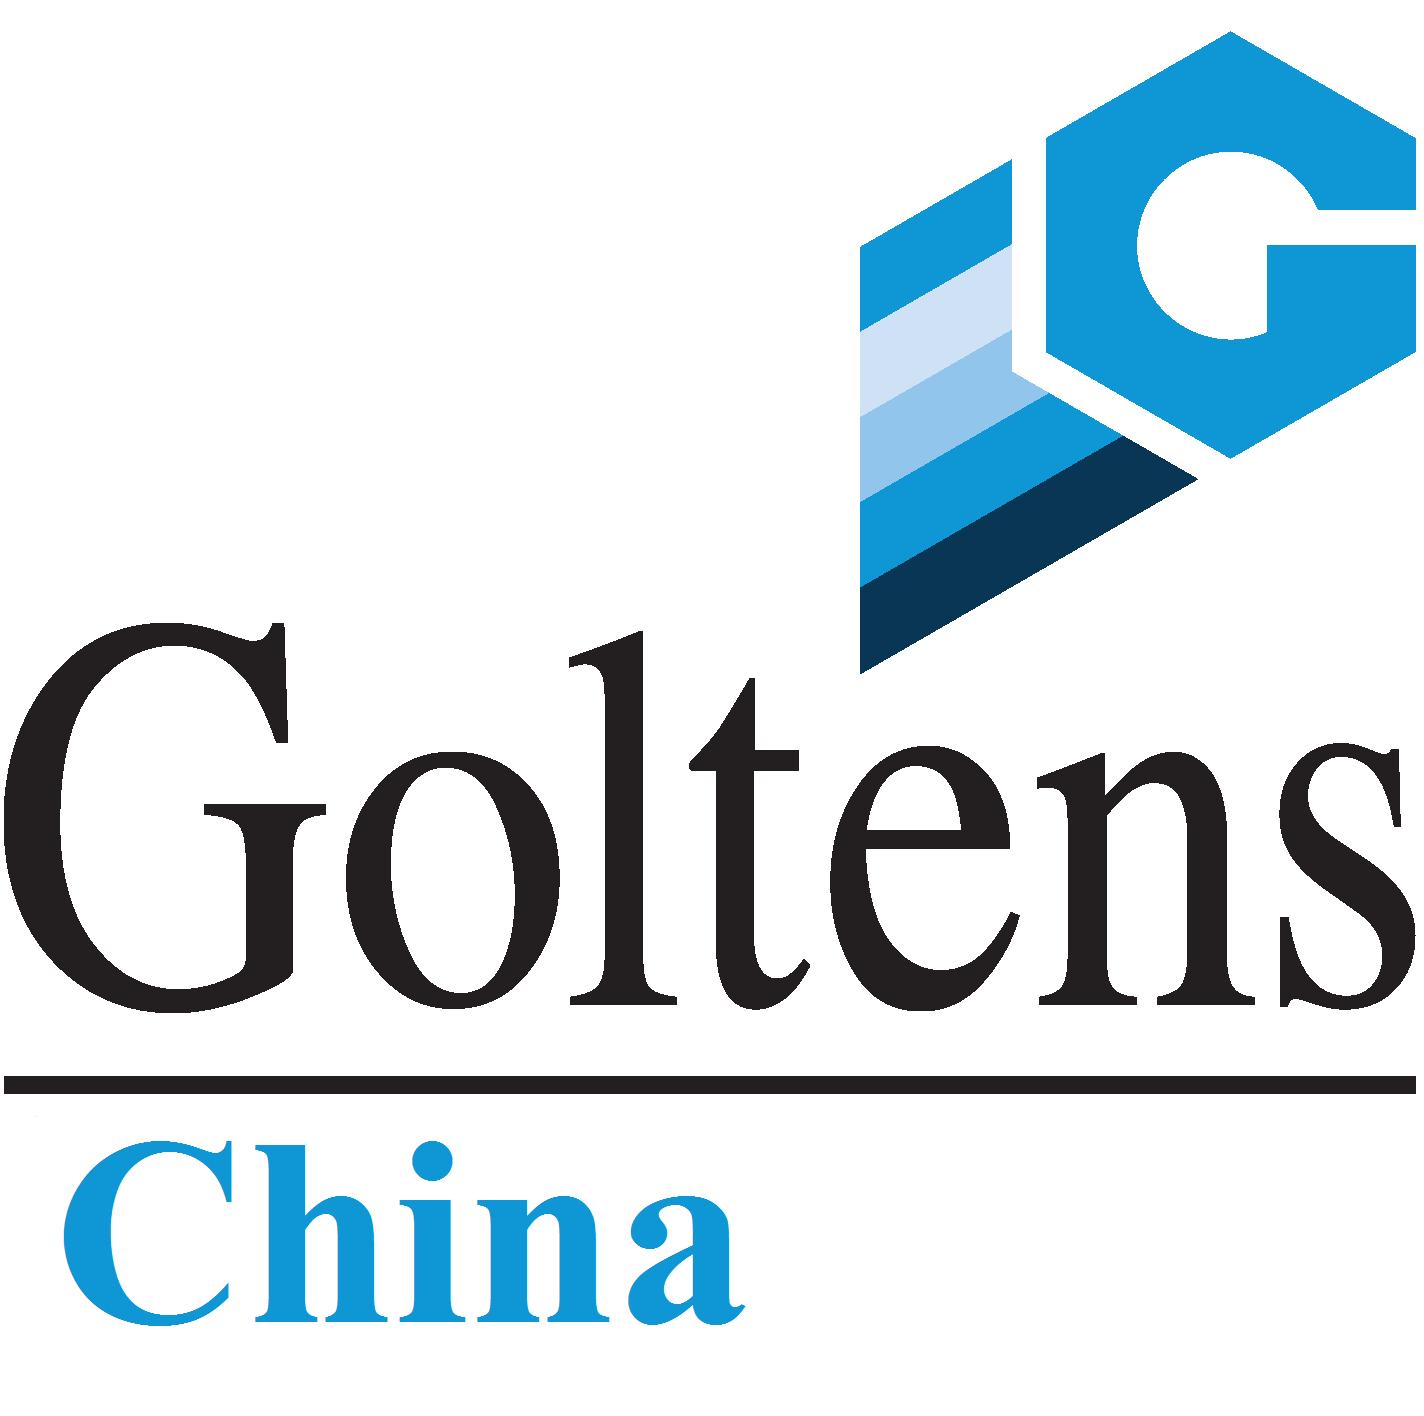 高尔登船舶工程(上海)有限公司